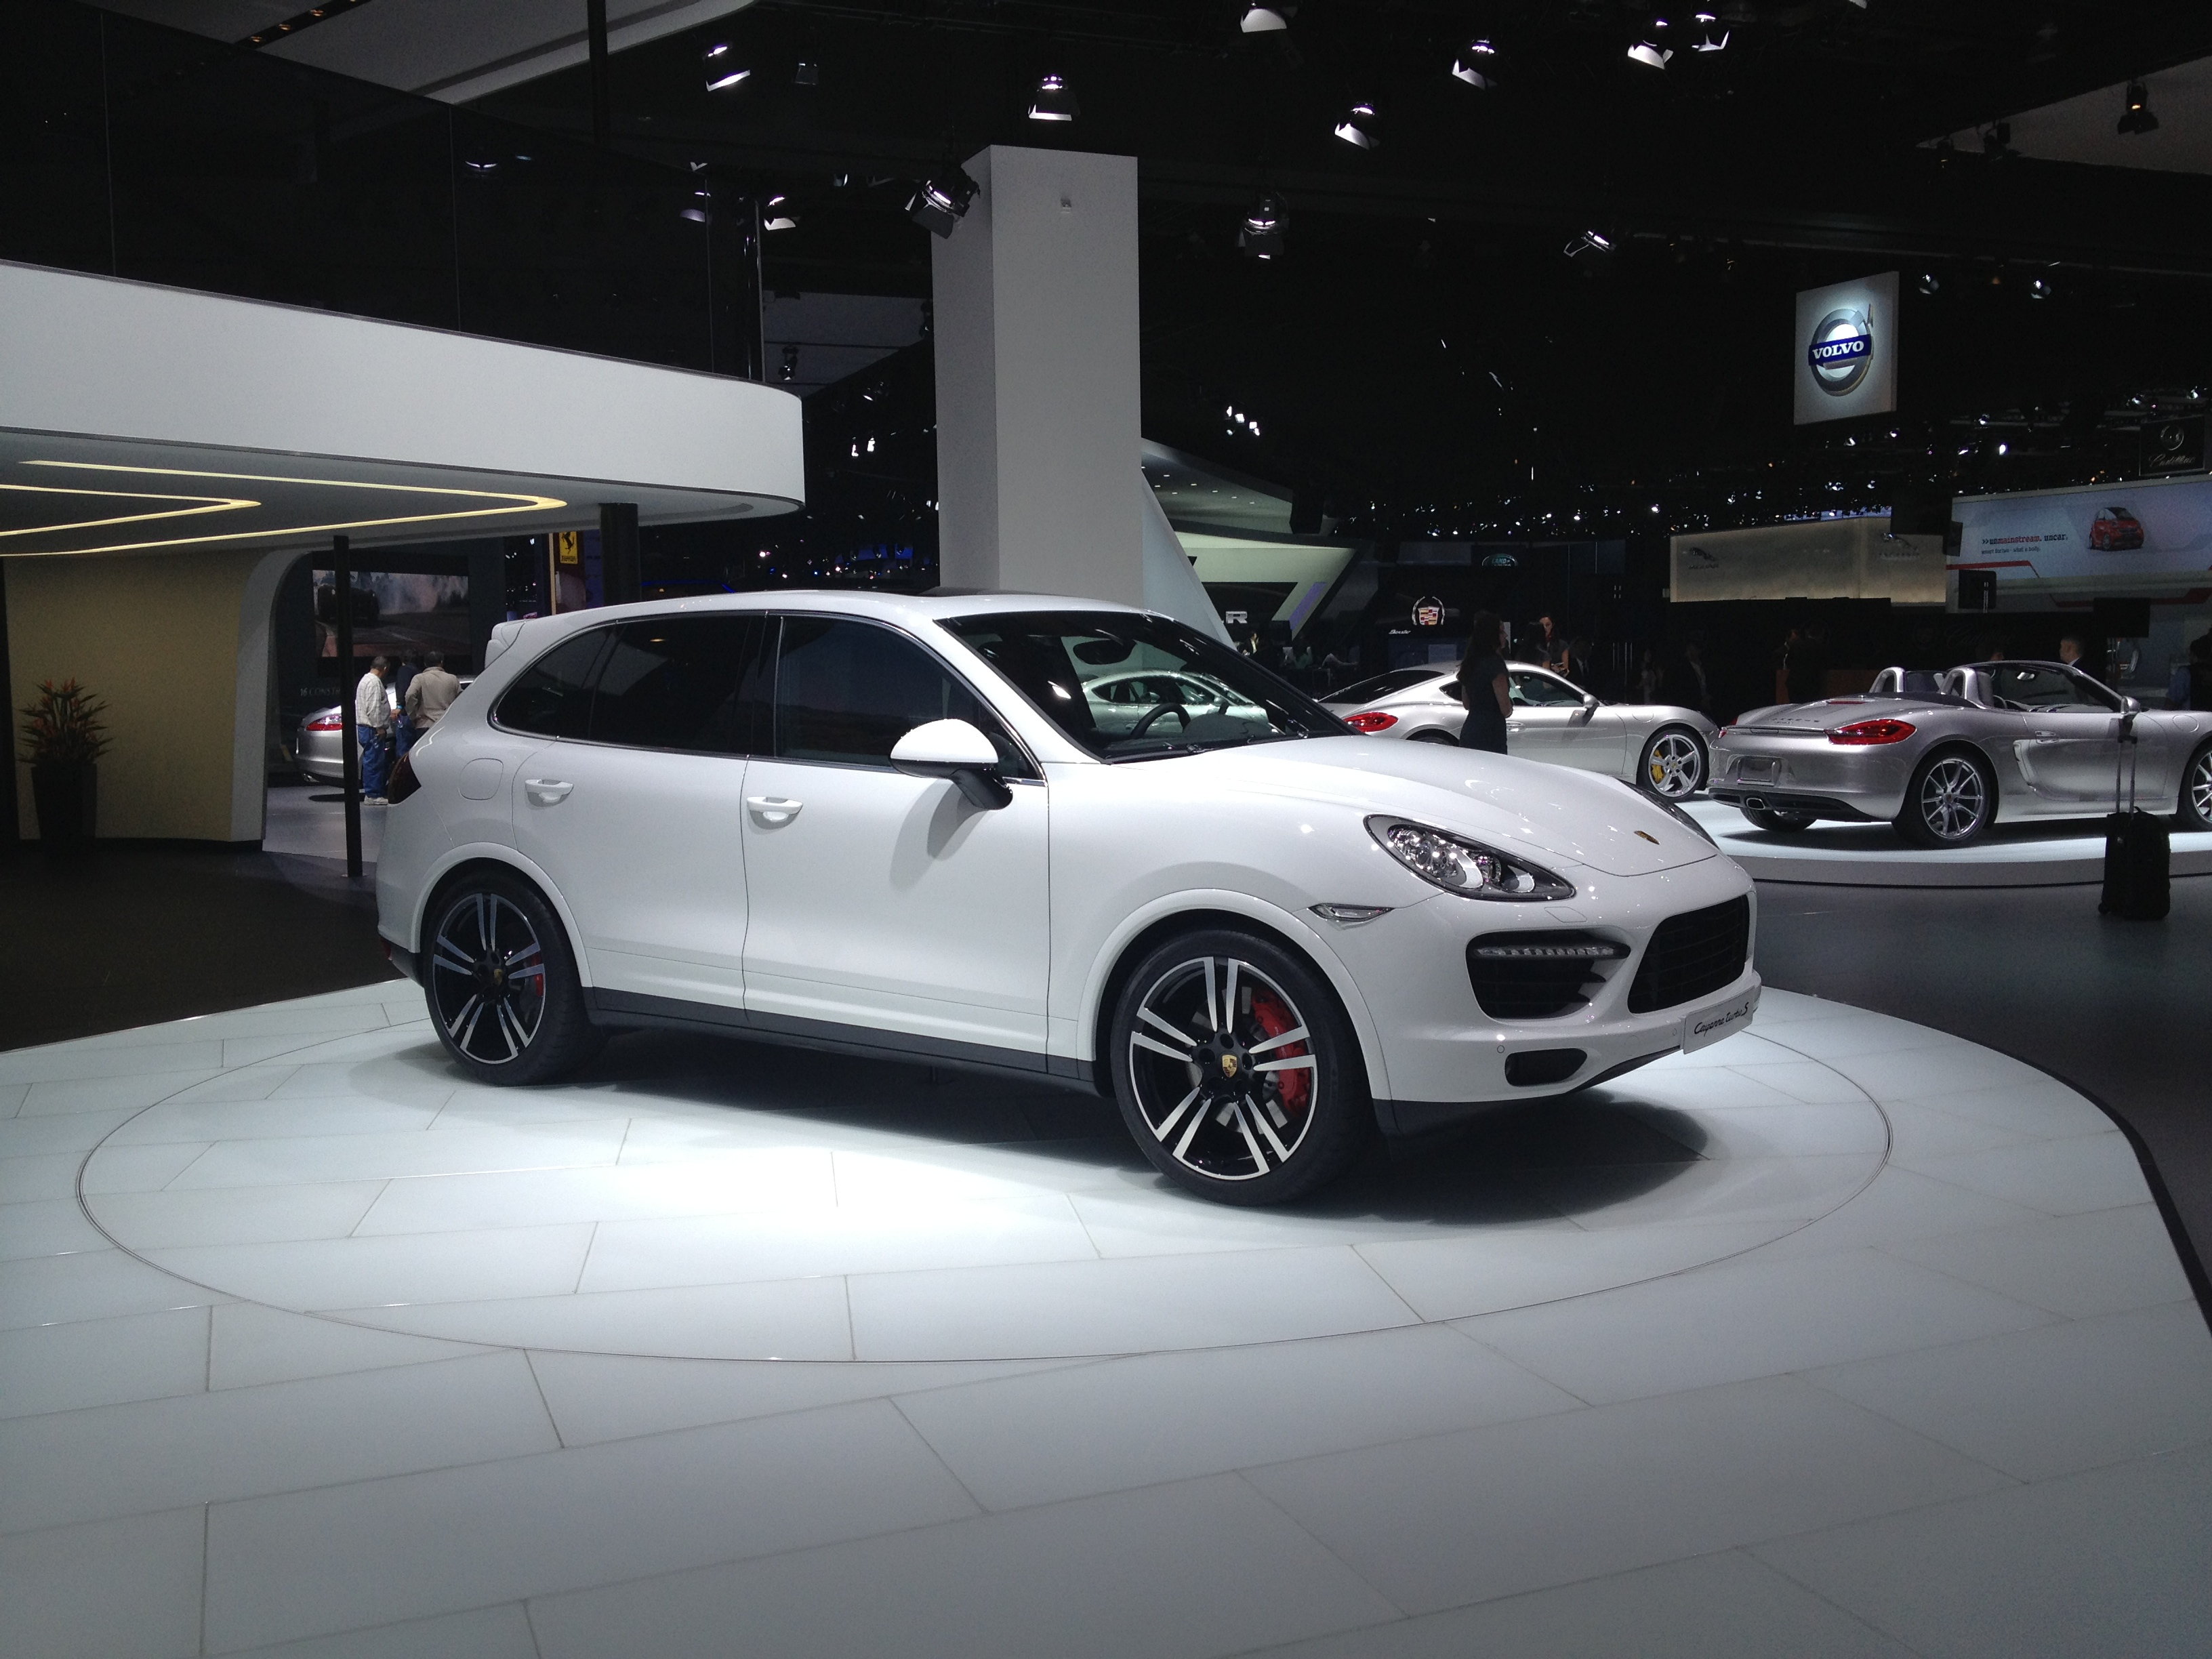 file2013 porsche cayenne turbo s 8404034506jpg - Porsche Cayenne Turbo White